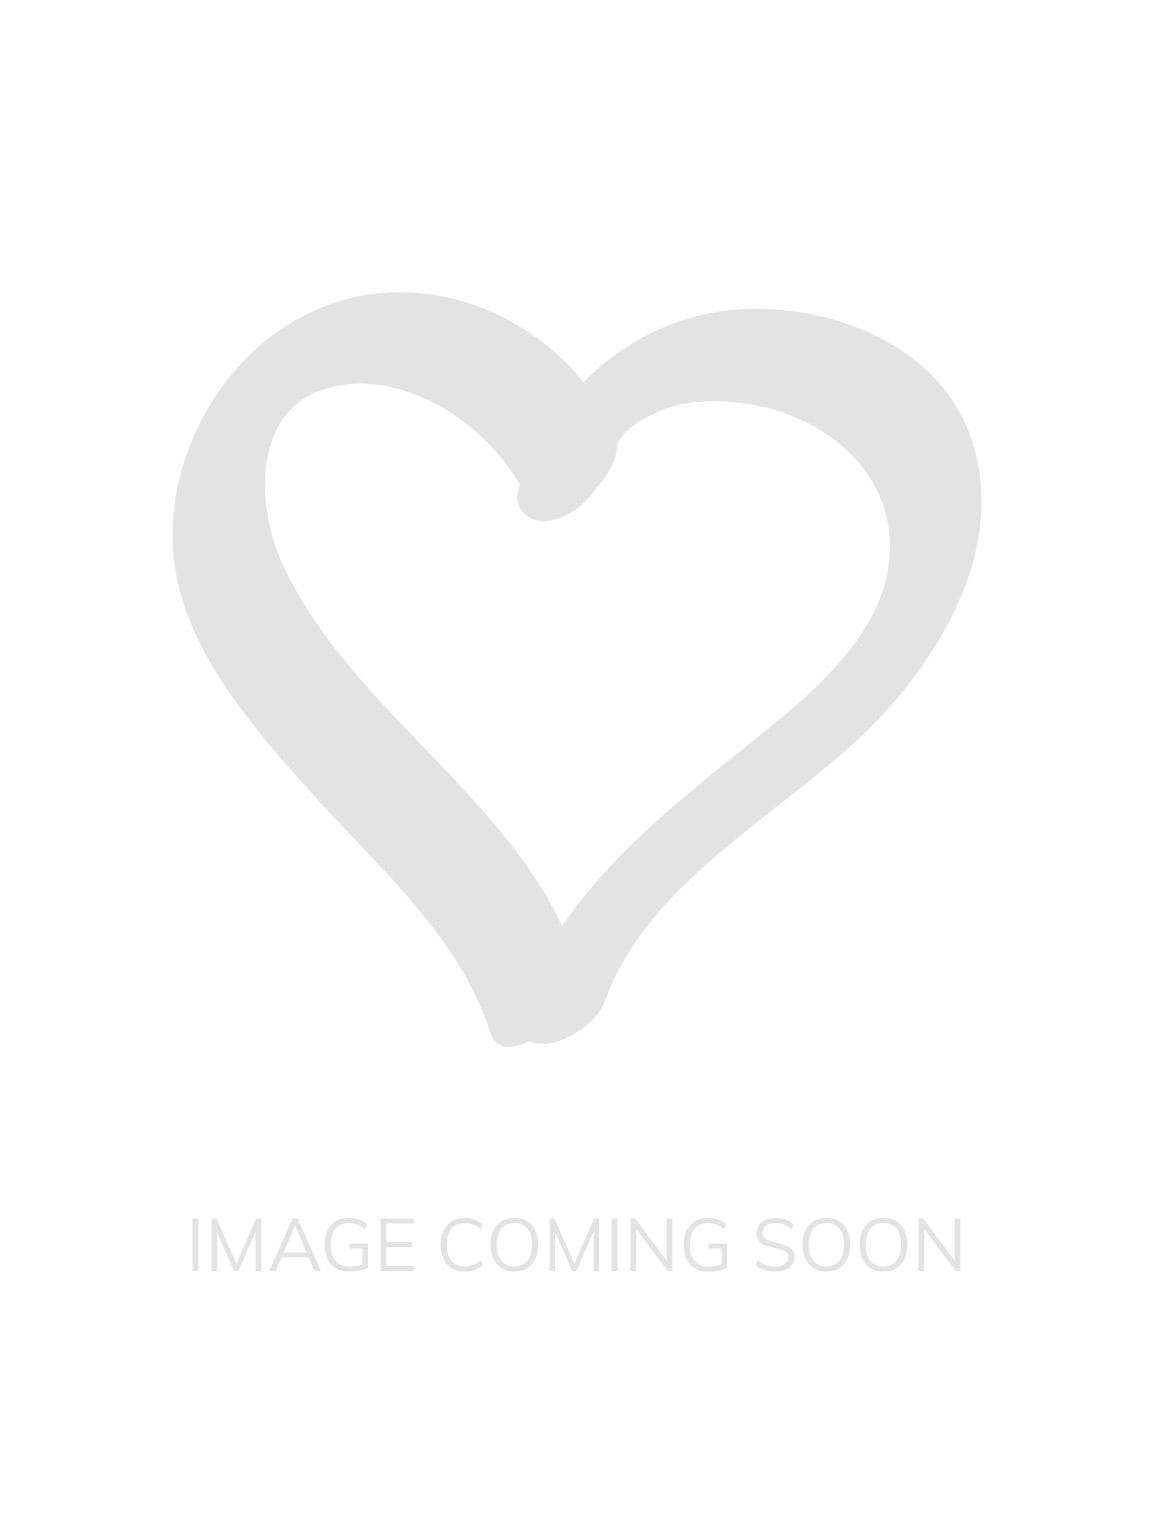 f3702fc387 Full Cup Satin Bra - Blue